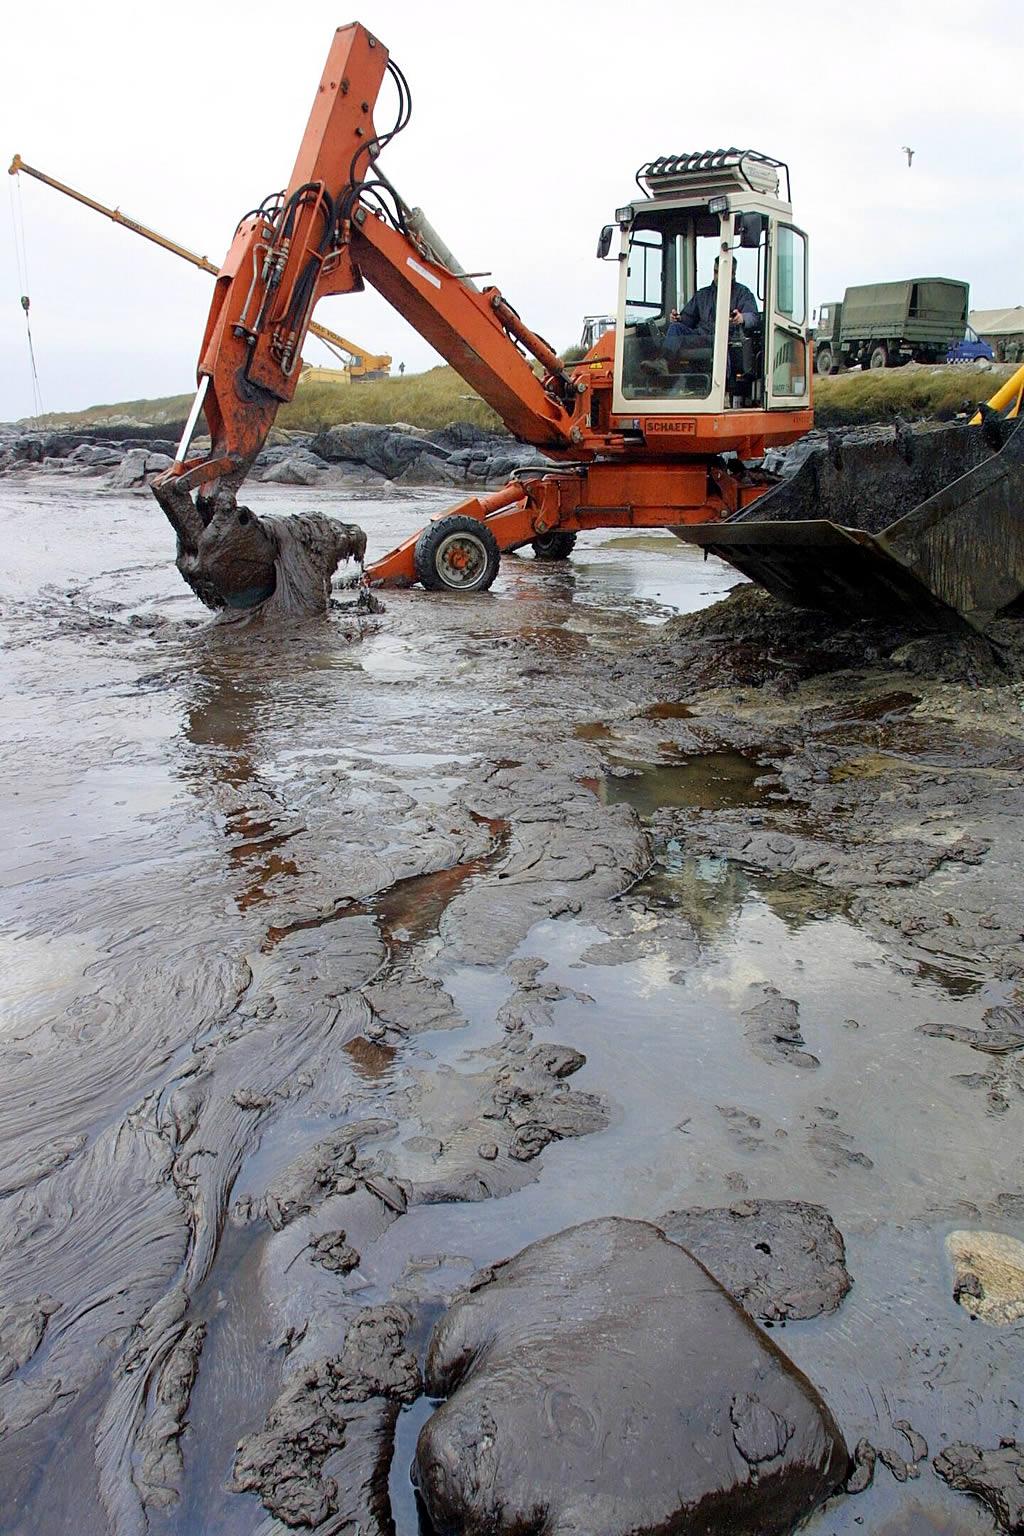 20/12/2002 <br>Una araña extrae fuel de la playa de Ximprón en Lira  <br>Simón Balvís